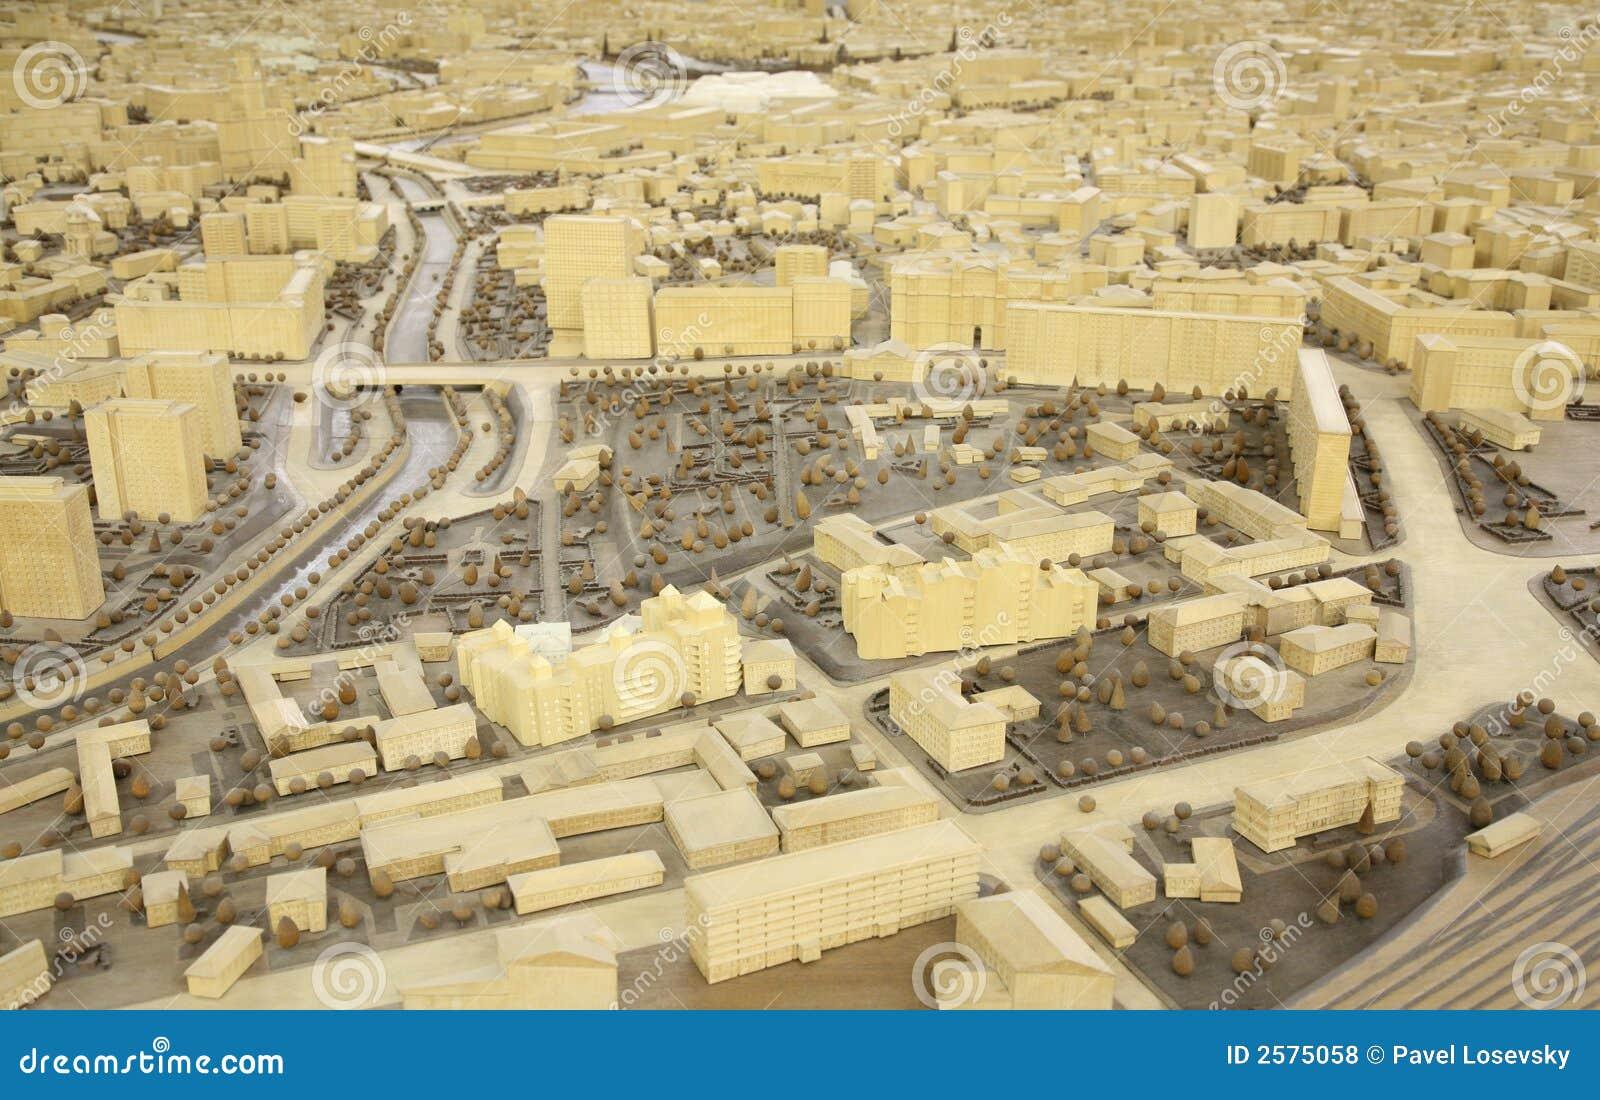 De miniatuur van de stad